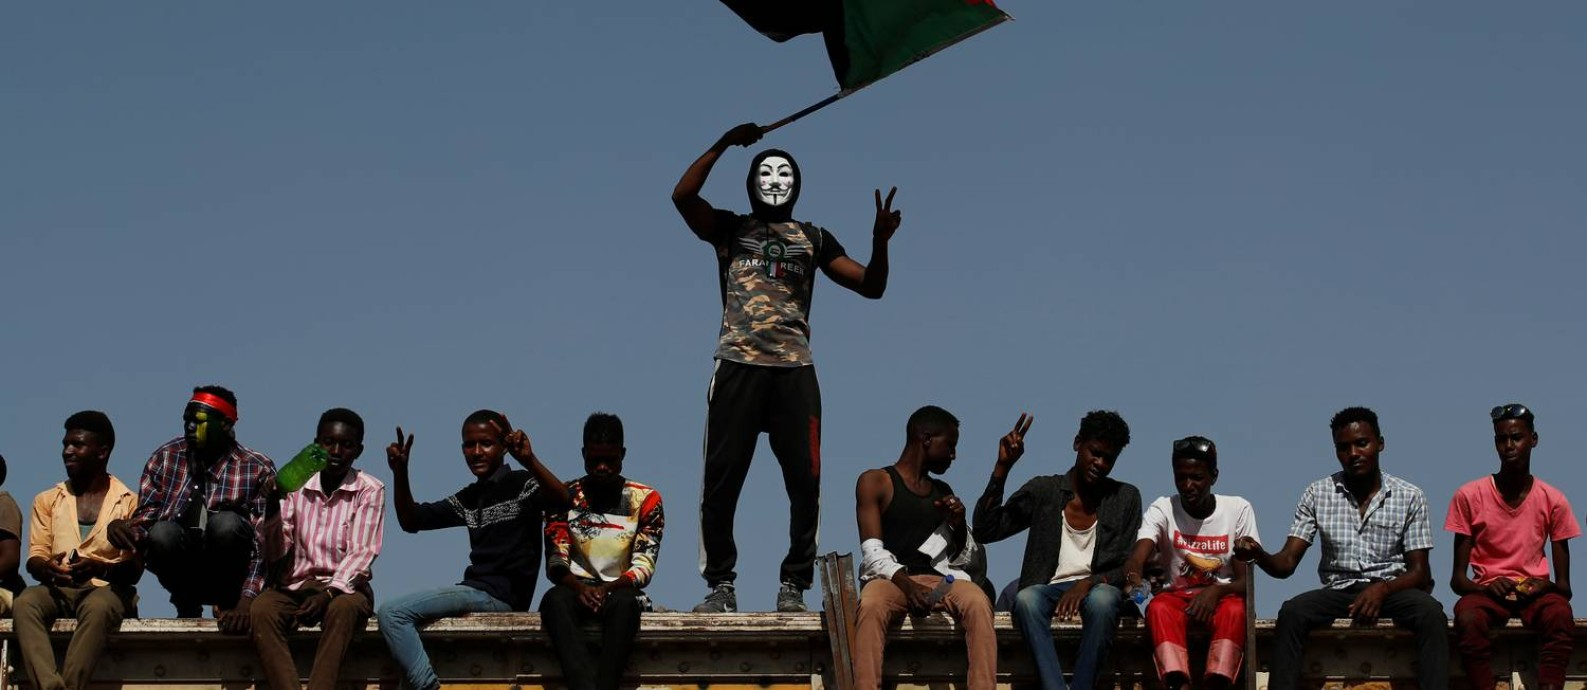 Manifestante sudanês vestindo uma máscara do revolucionário britânico Guy Fawkes balança uma bandeira do país do lado de fora do complexo do Ministério da Defesa na capital Cartum: multidão tem no entusiasmo uma marca comum Foto: UMIT BEKTAS/REUTERS